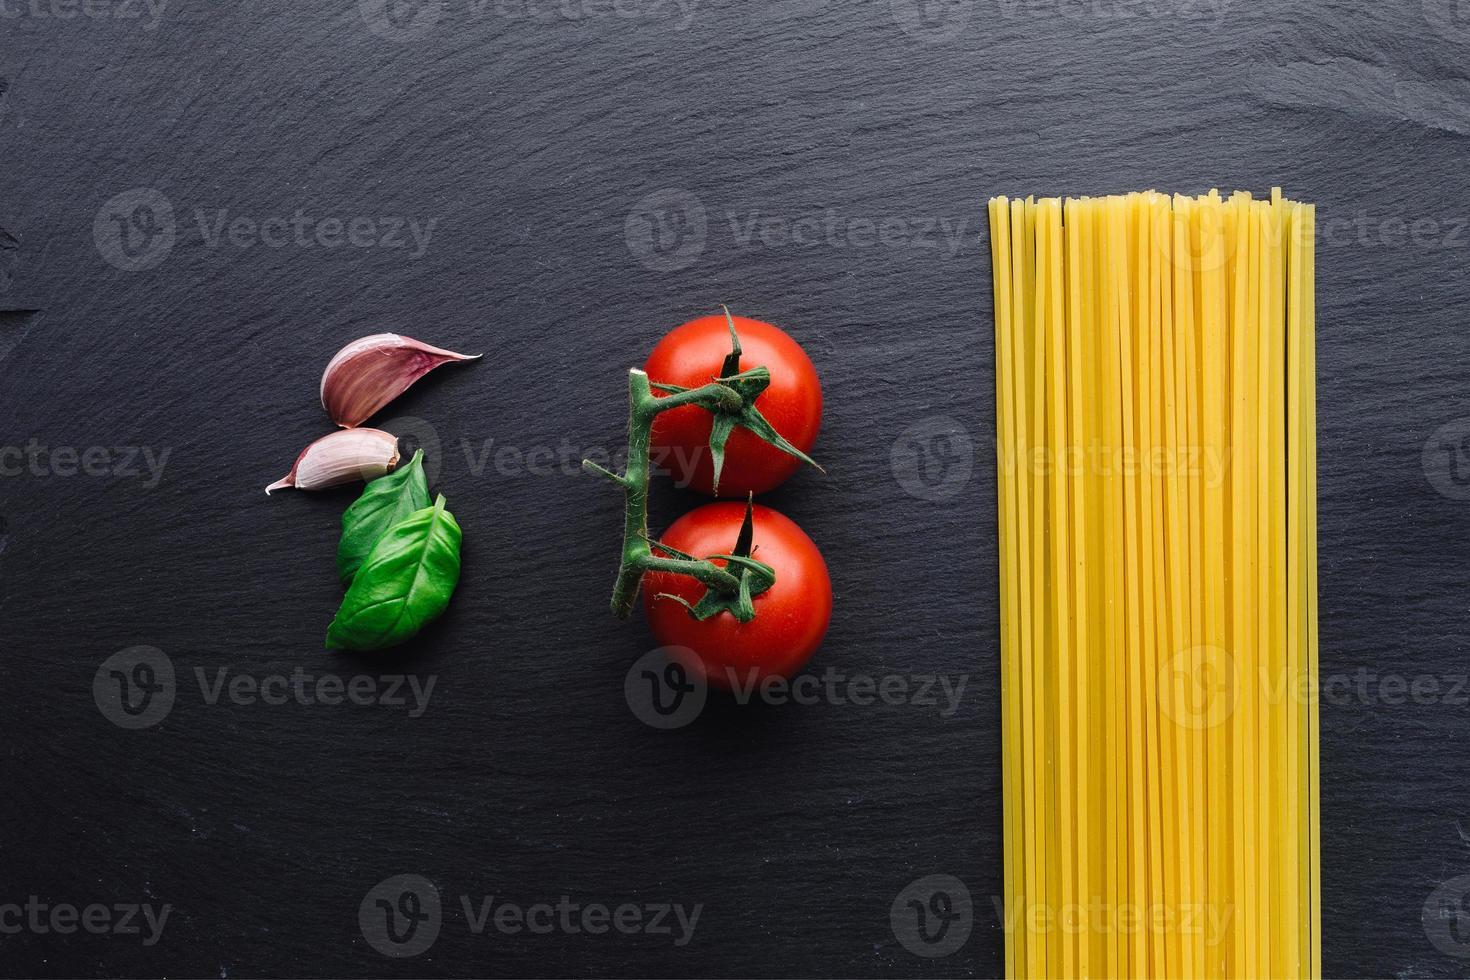 Nudelzutaten auf Schwarz foto